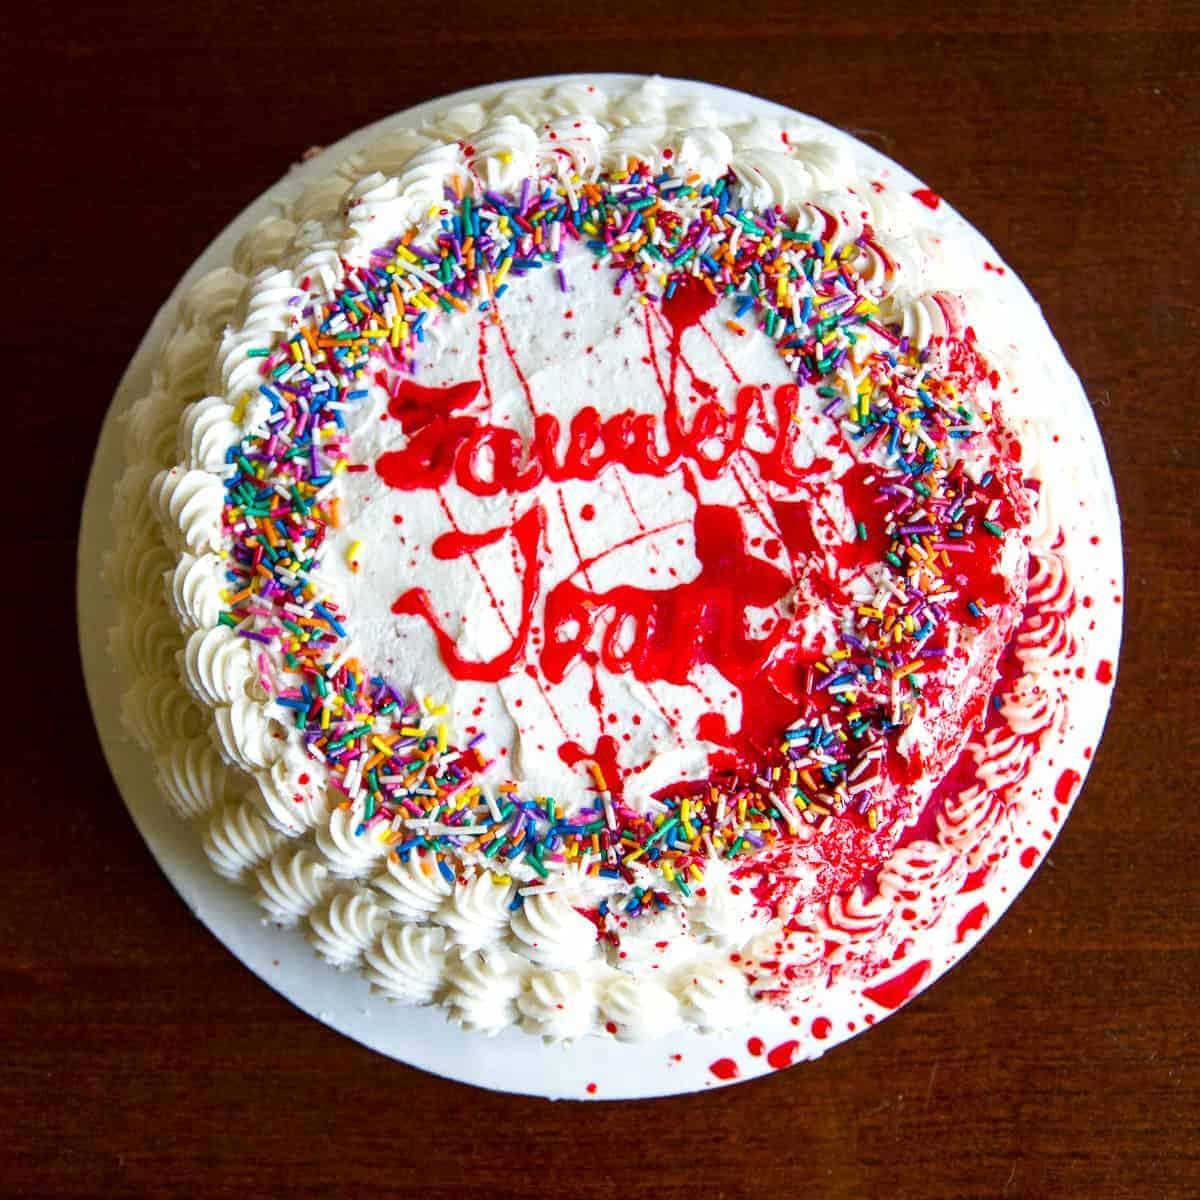 joan-holloway-cake